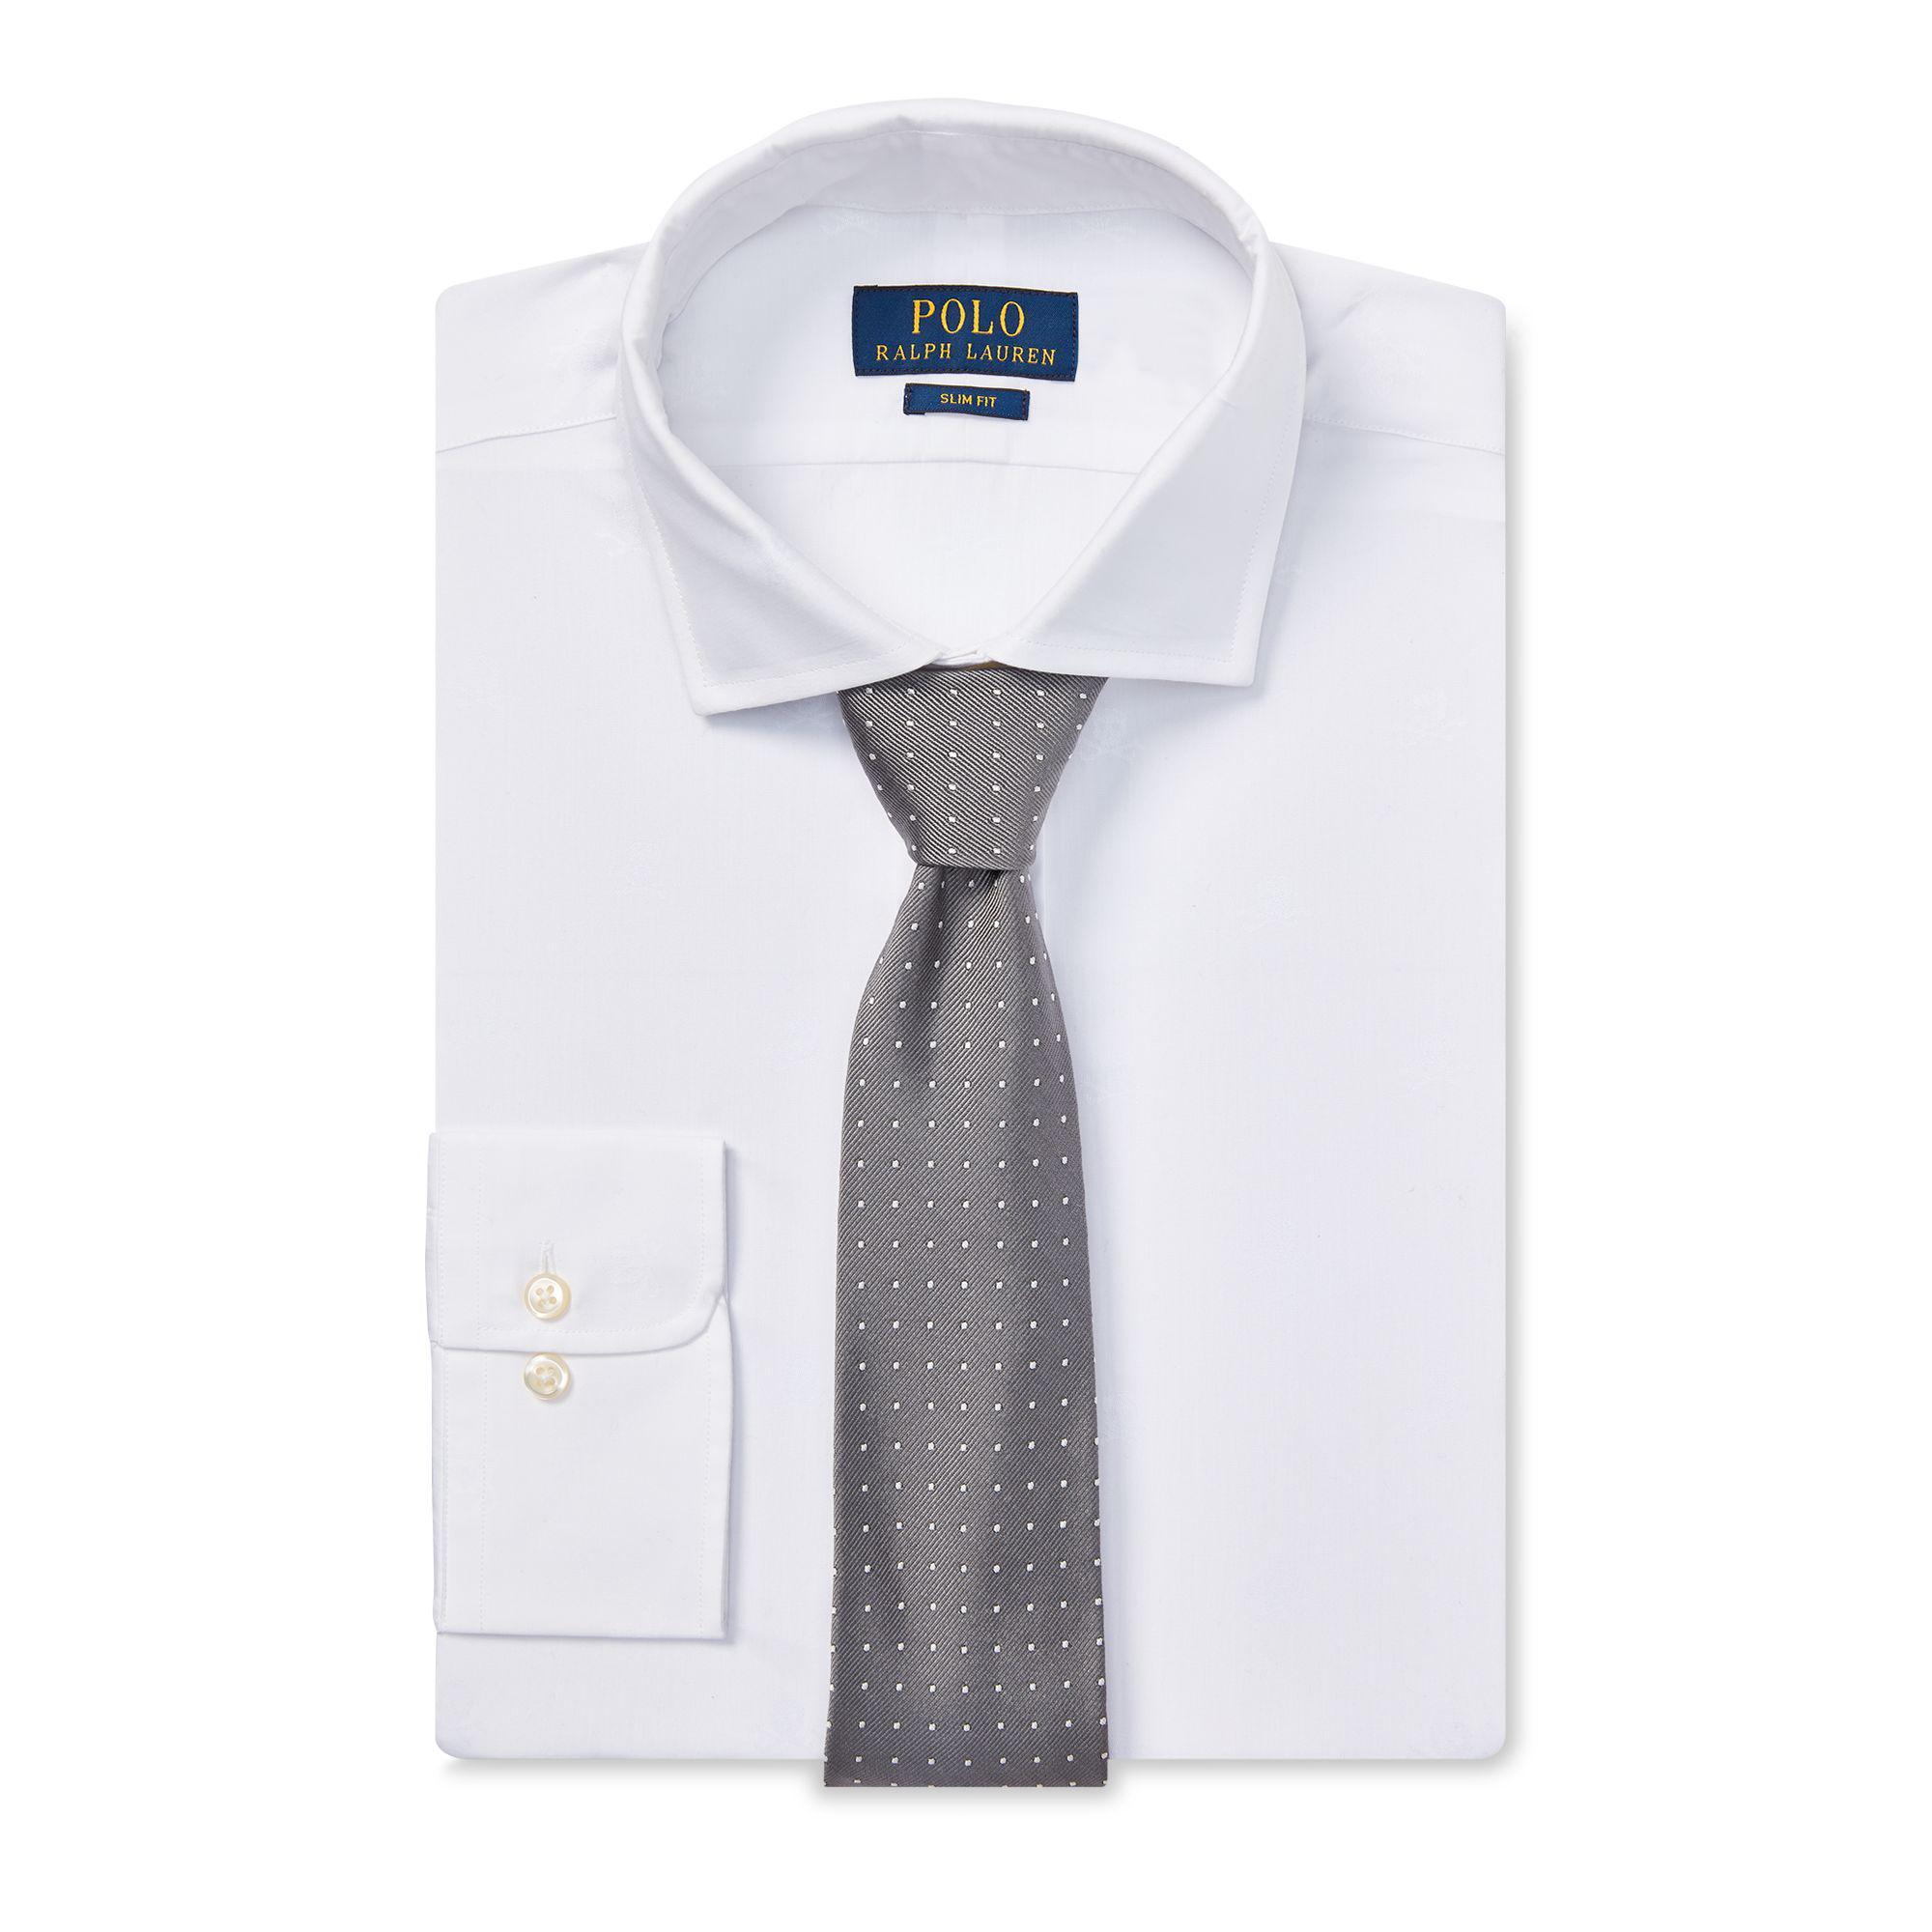 793e1b96e Polo Ralph Lauren Slim Skull & Crossbones Shirt in White for Men - Lyst